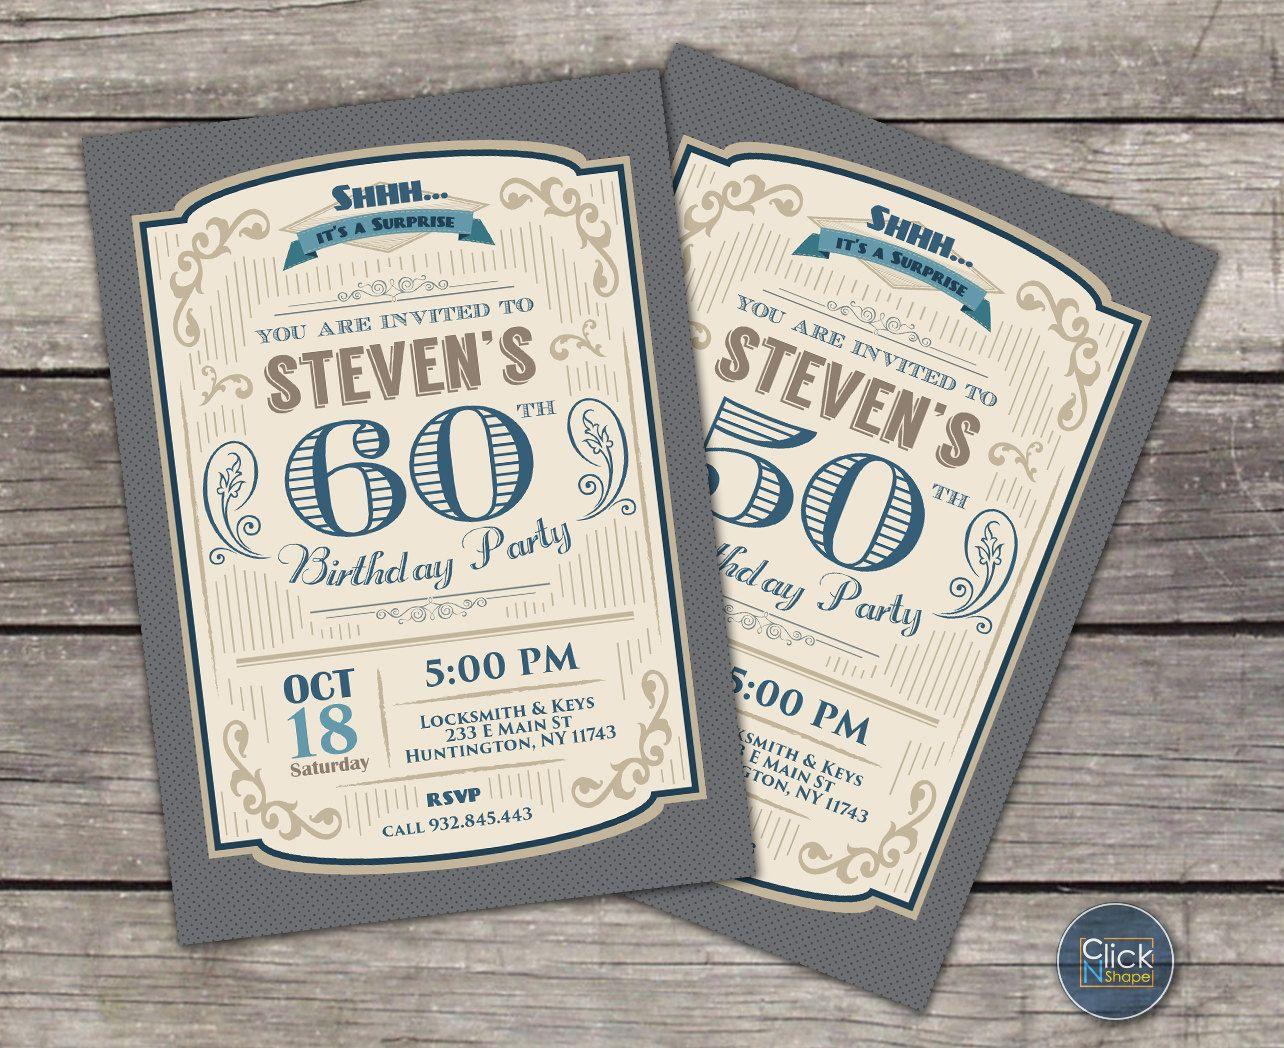 Vintage 80th Birthday Invitations - Ivoiregion